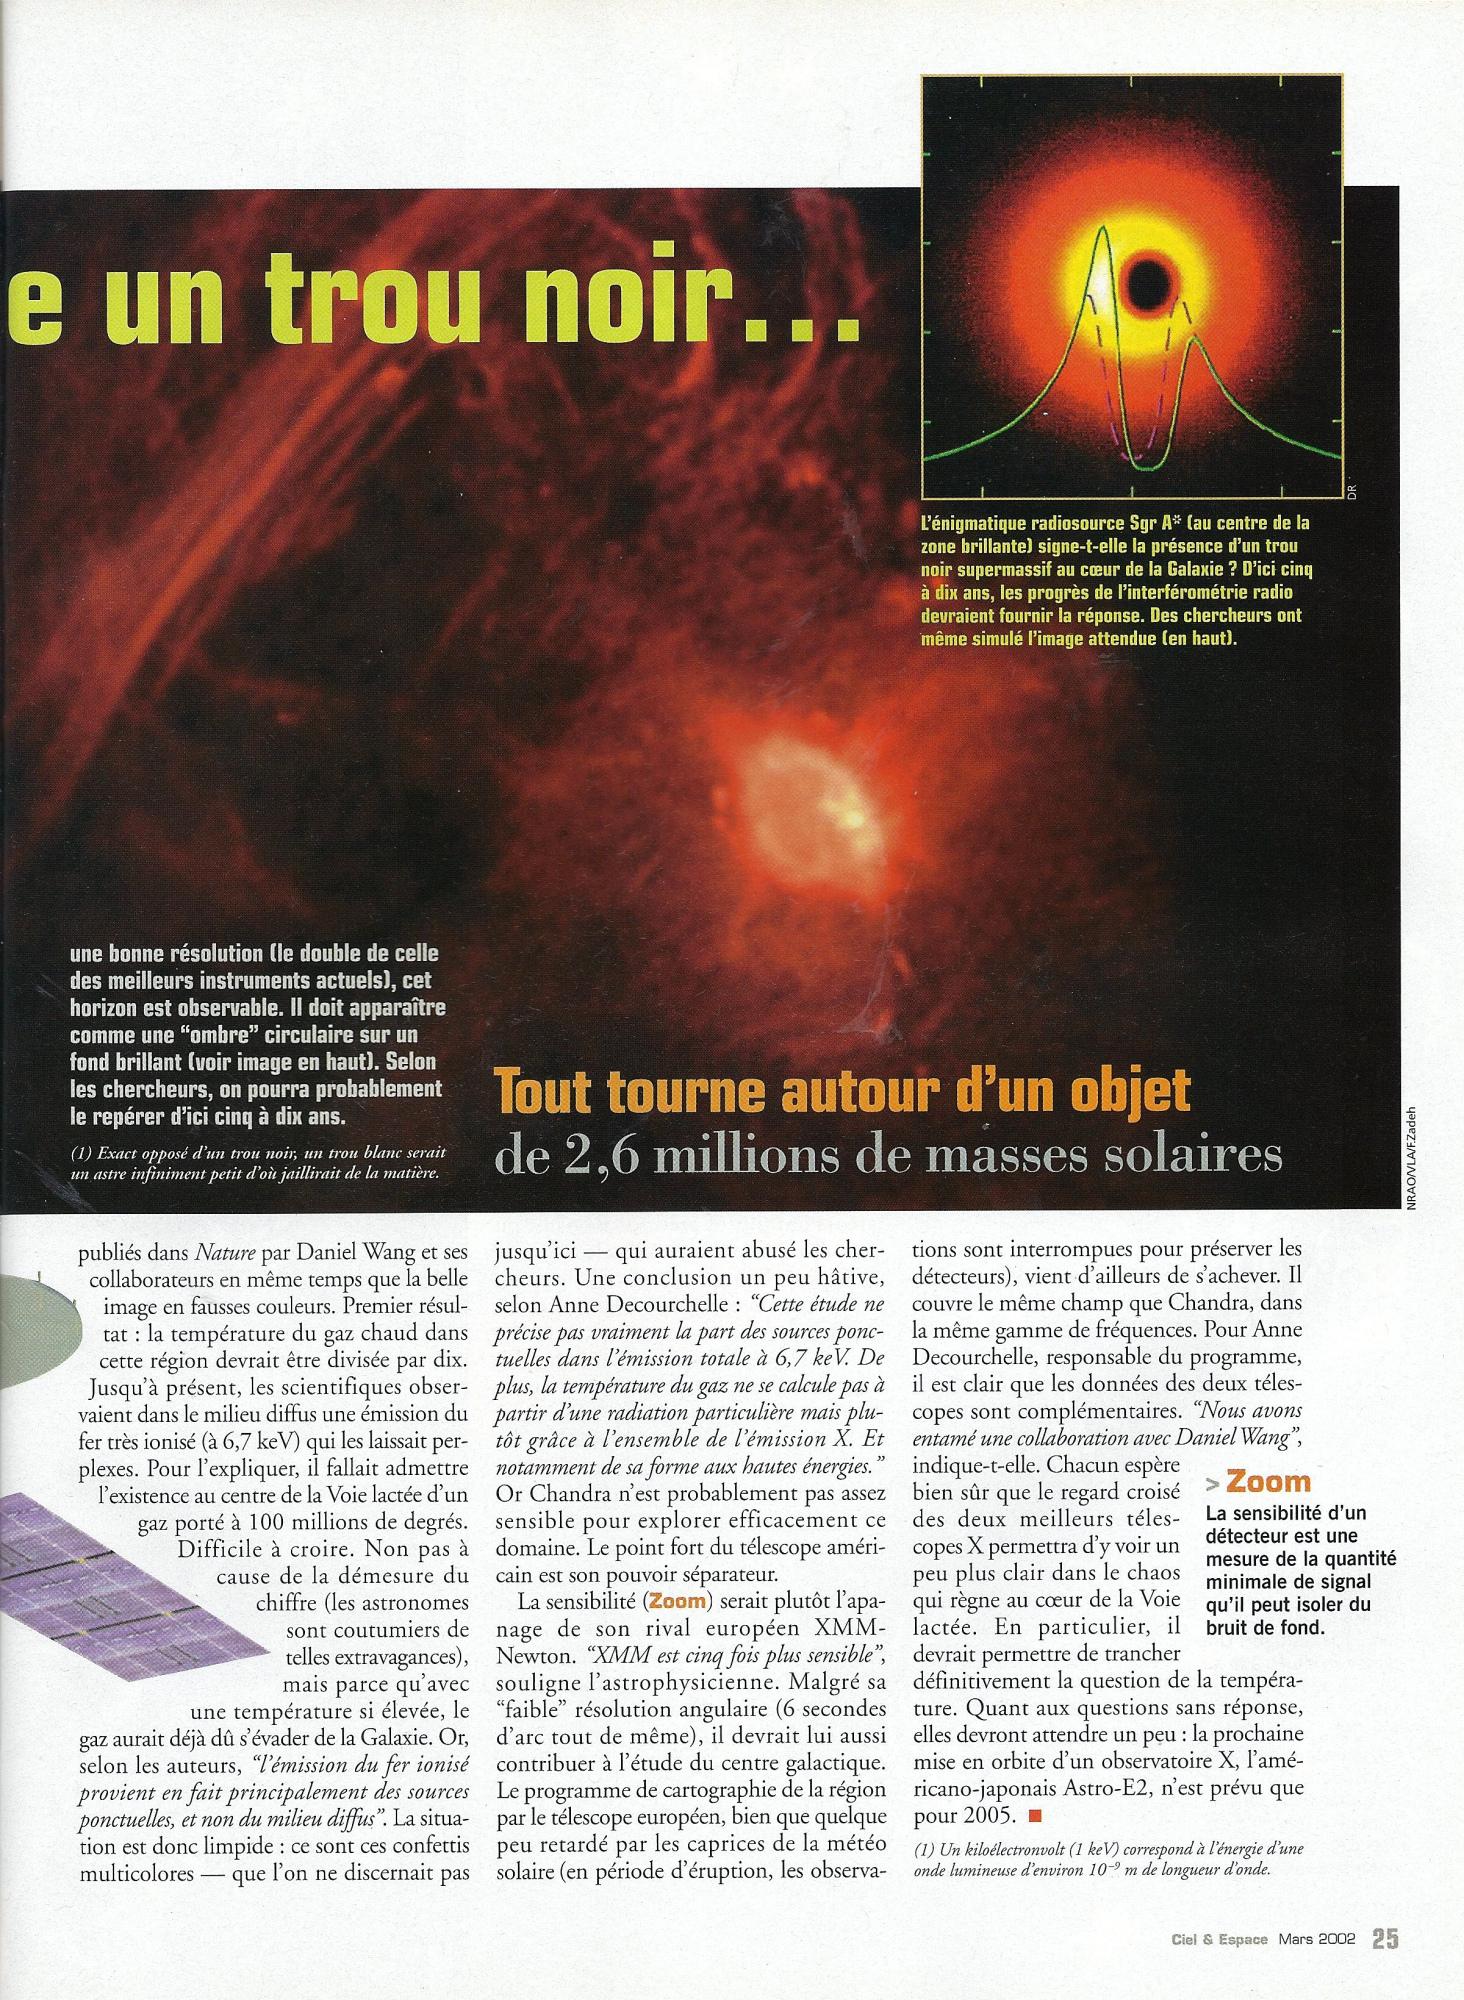 5c671b1b23331_CielEspace_2002-03_Trou-noir_SgrA.thumb.JPG.24d86e3385fcc023feedd69789553d24.JPG